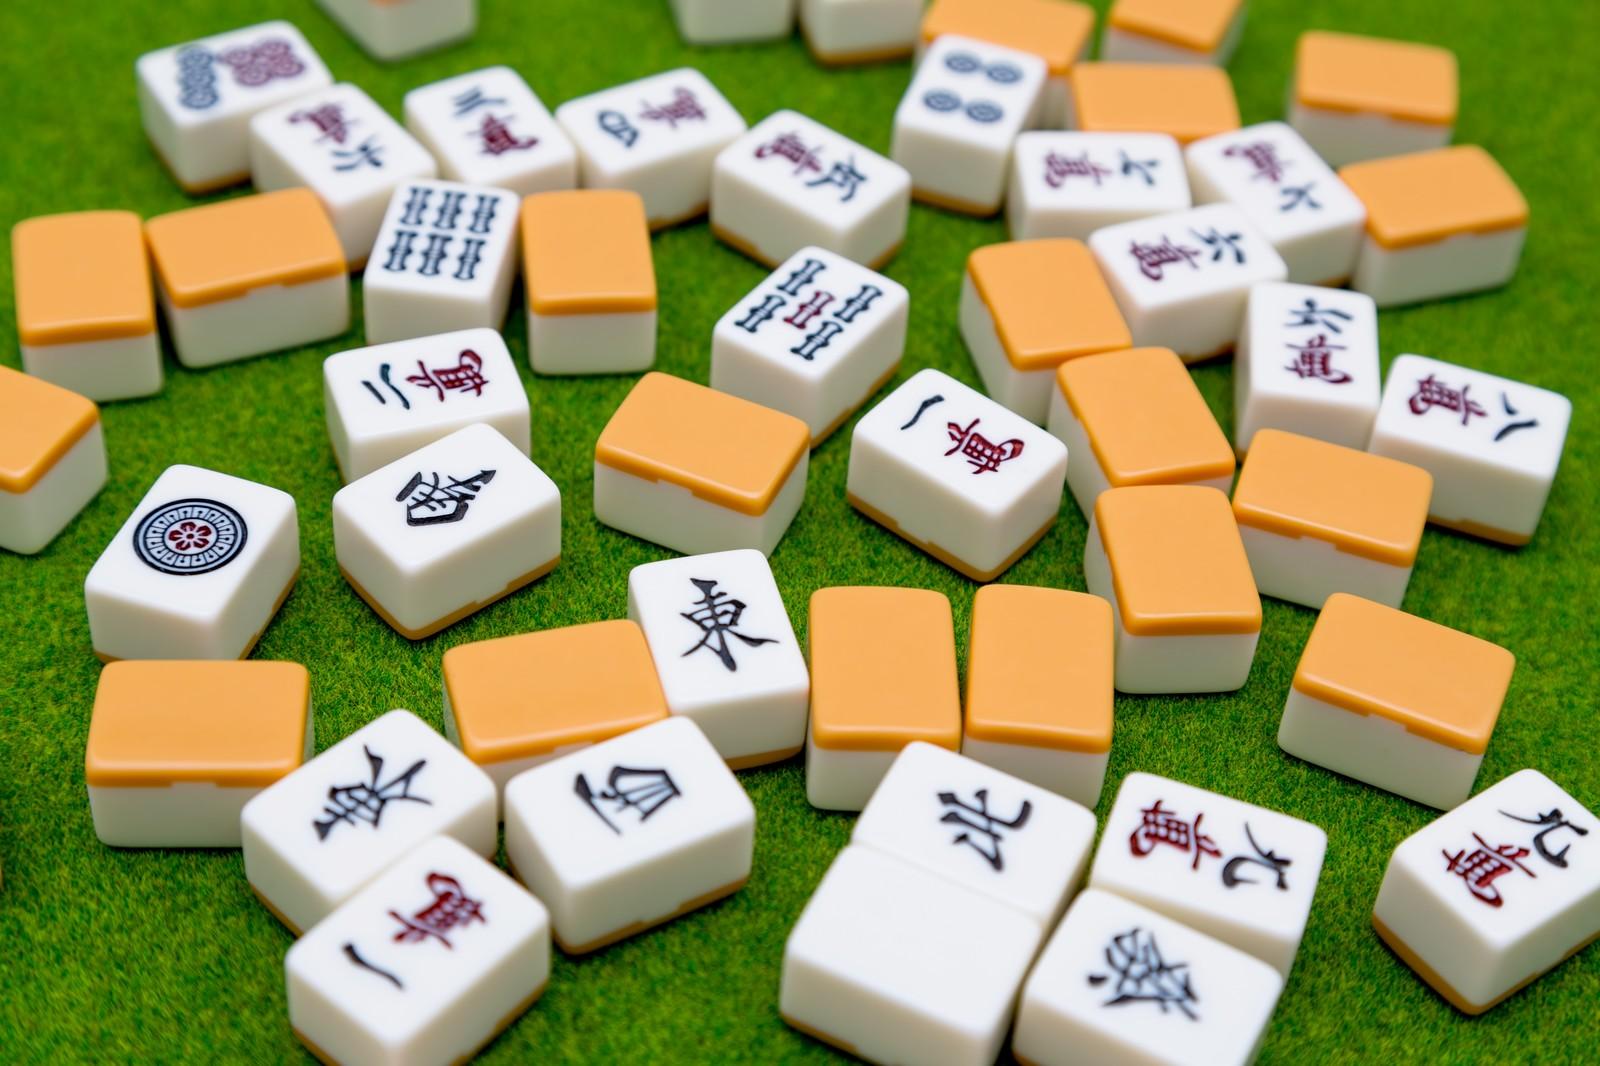 【全88作品】麻雀エロゲーム作品まとめ【テーブルゲーム】